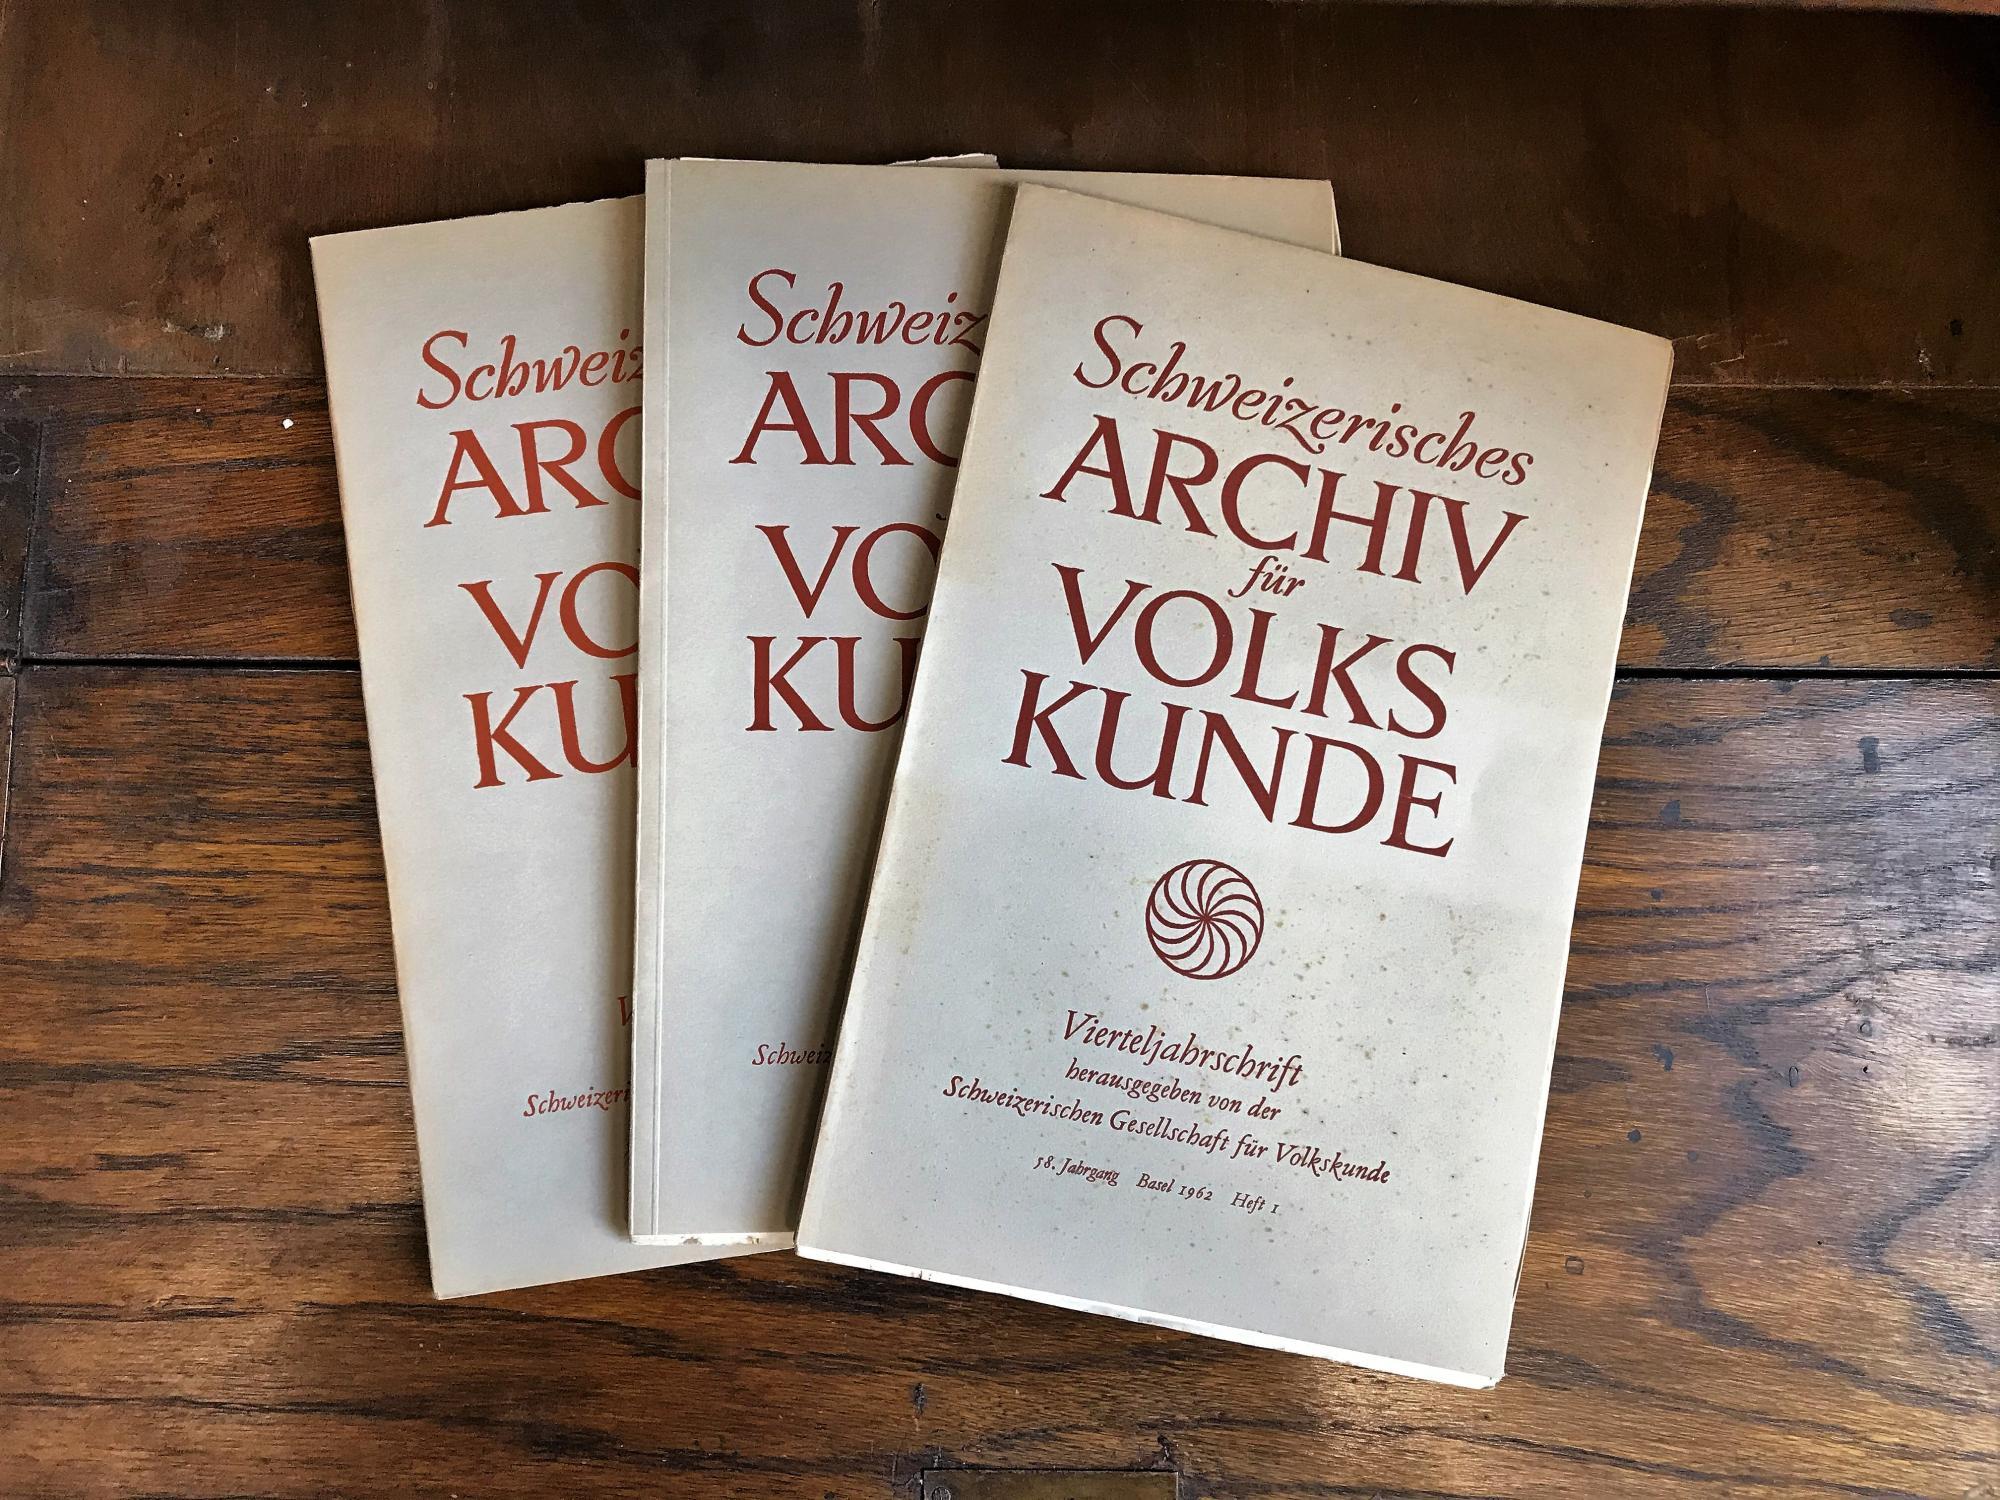 Schweizerisches Archiv für Volkskunde. Vierteljahresschrift. 58. Jahrgang: Wildhaber Robert,